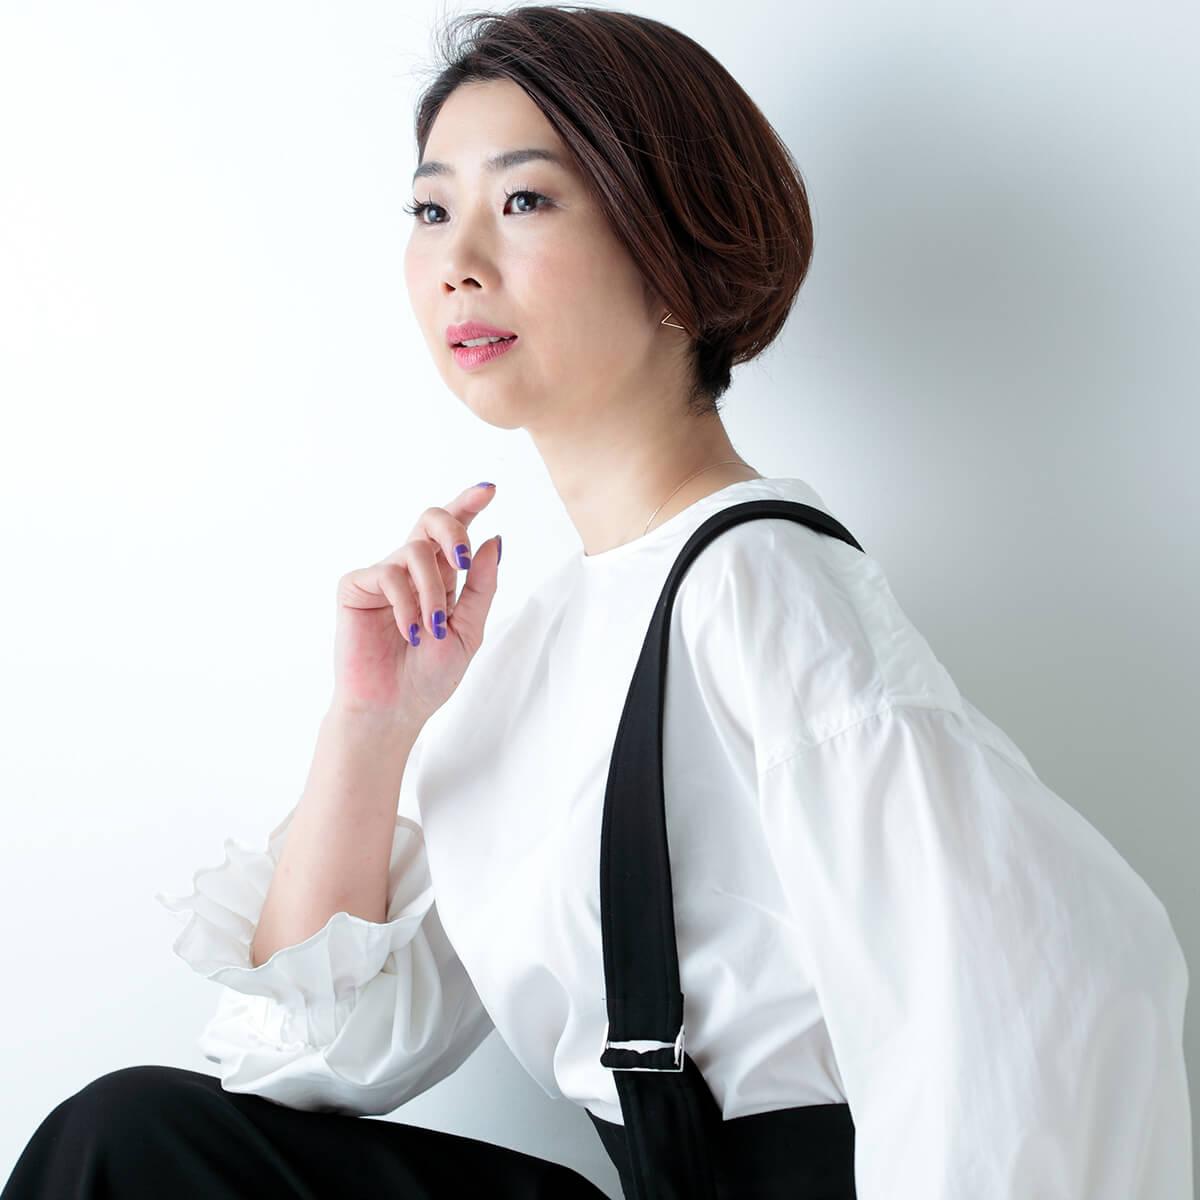 小寺沢裕子